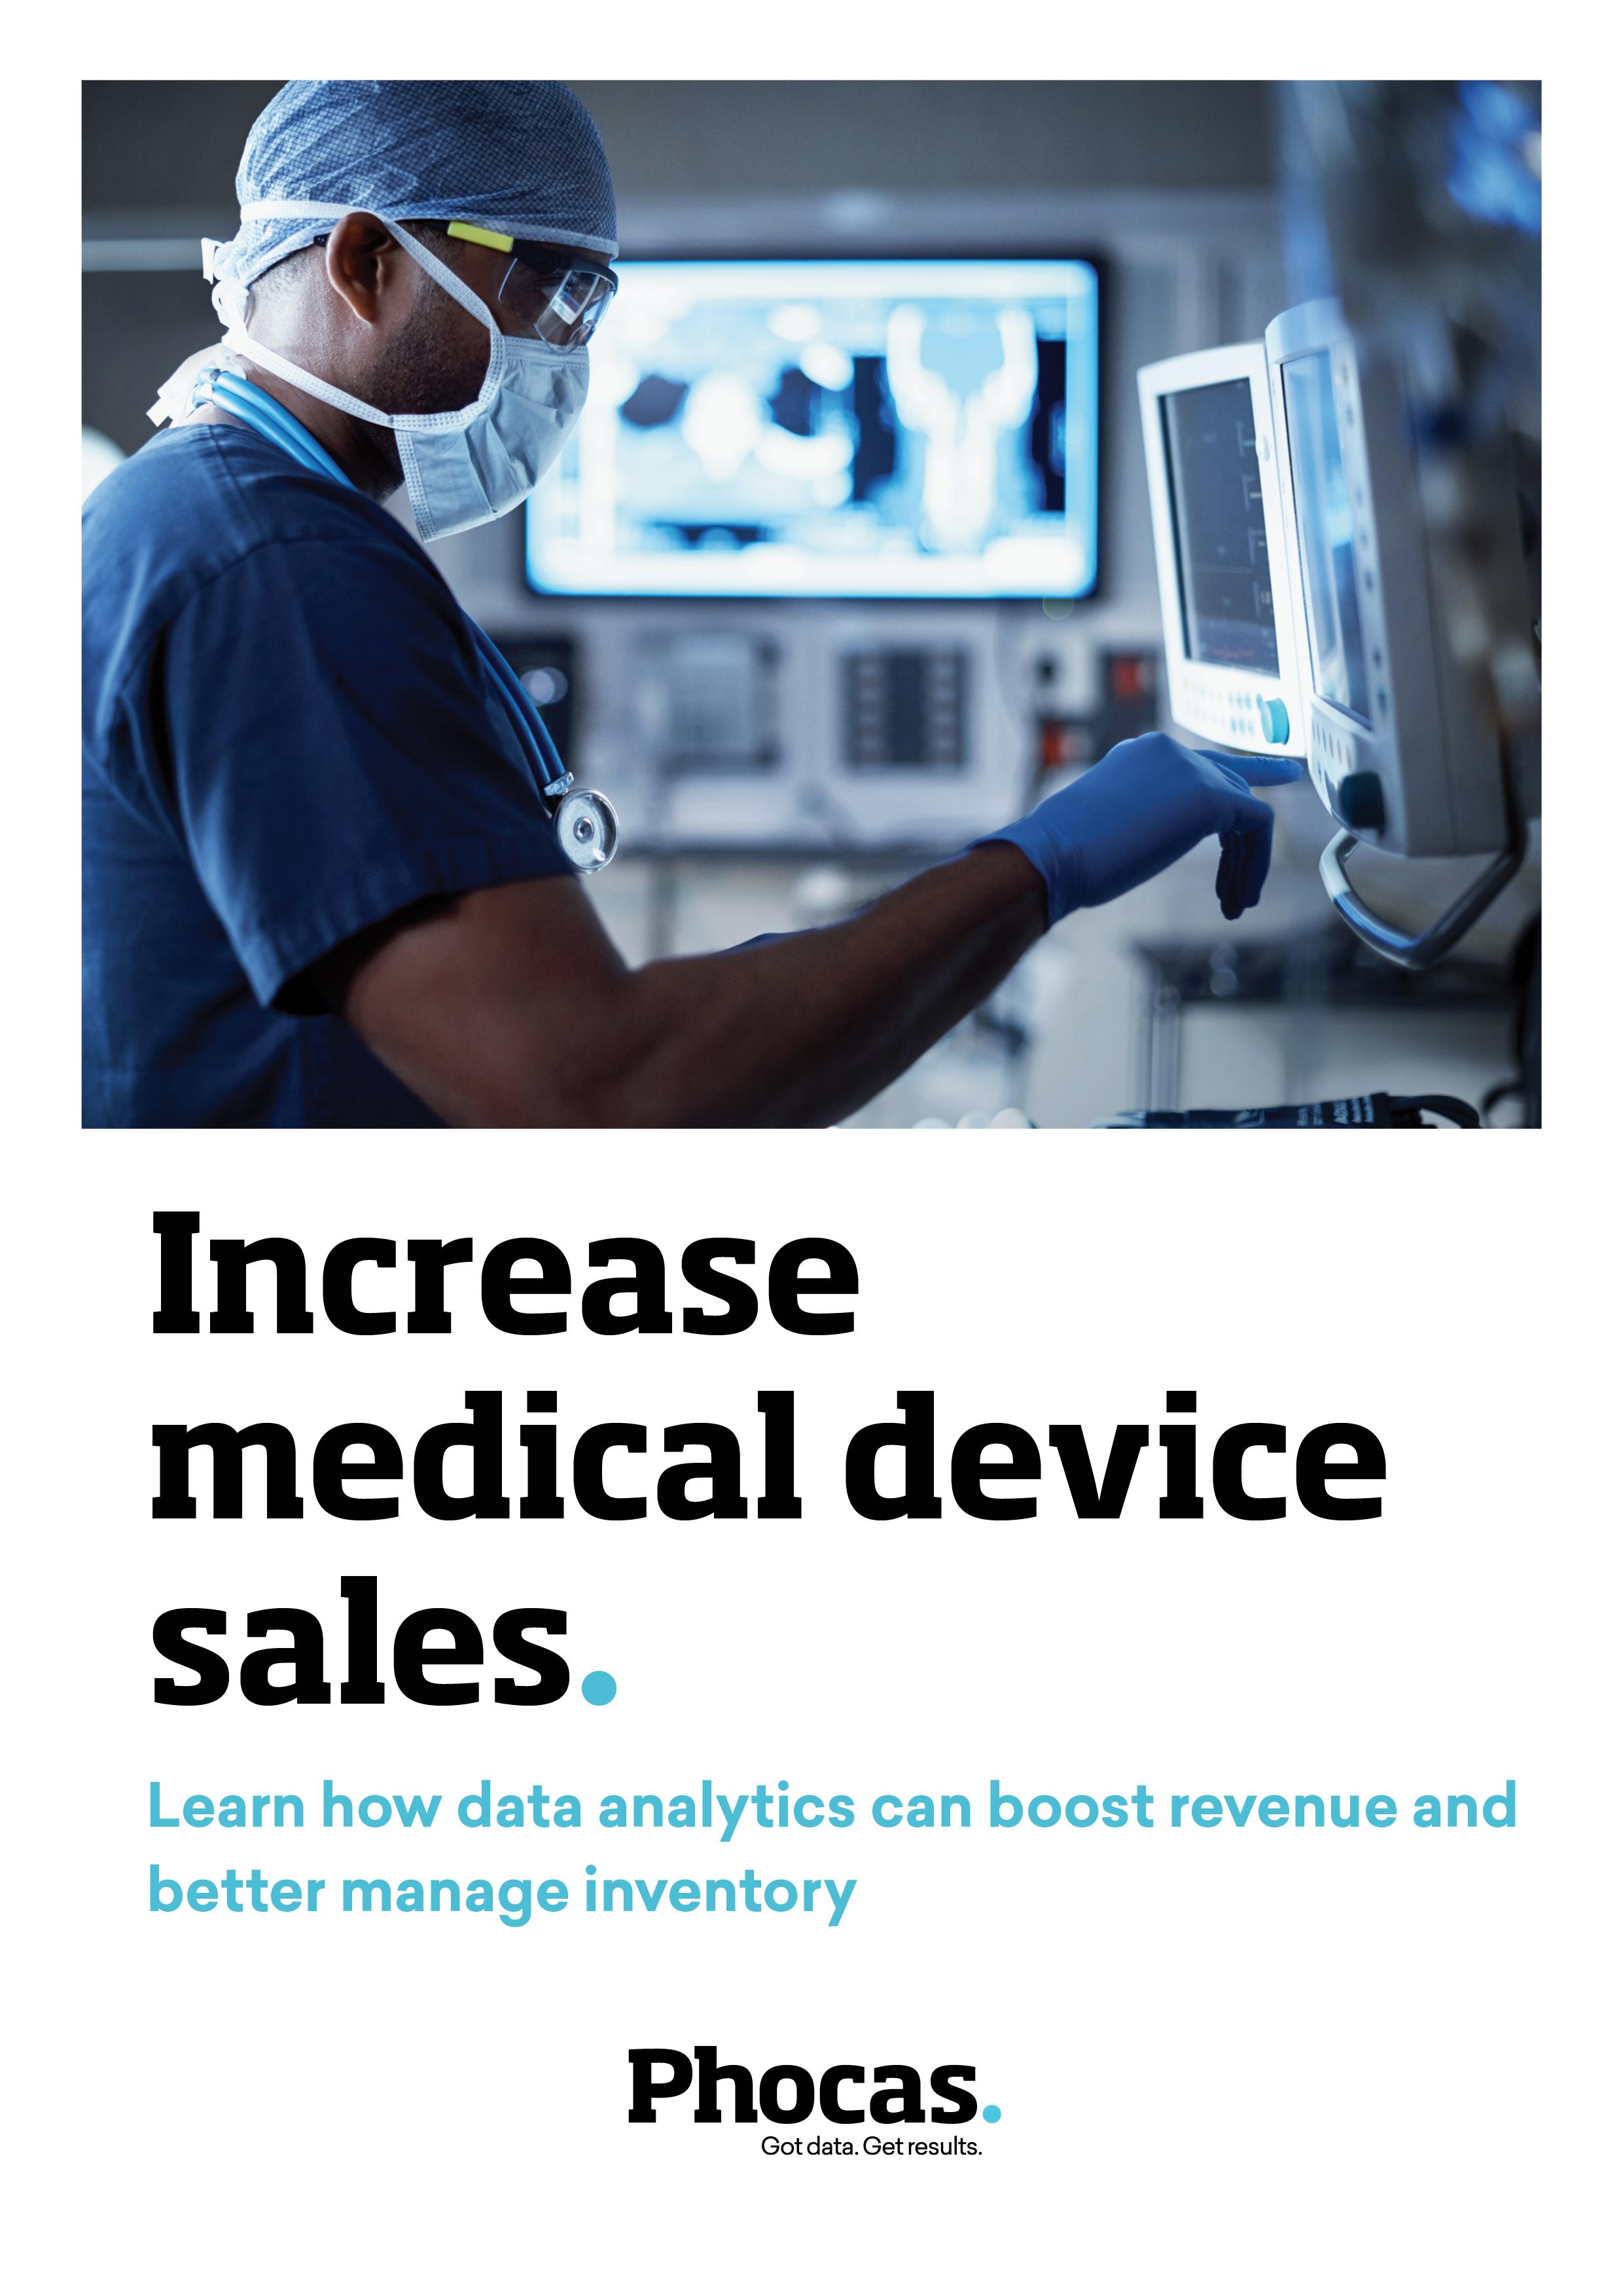 Phocas - Medical Devices eBook_v1.4.2-update